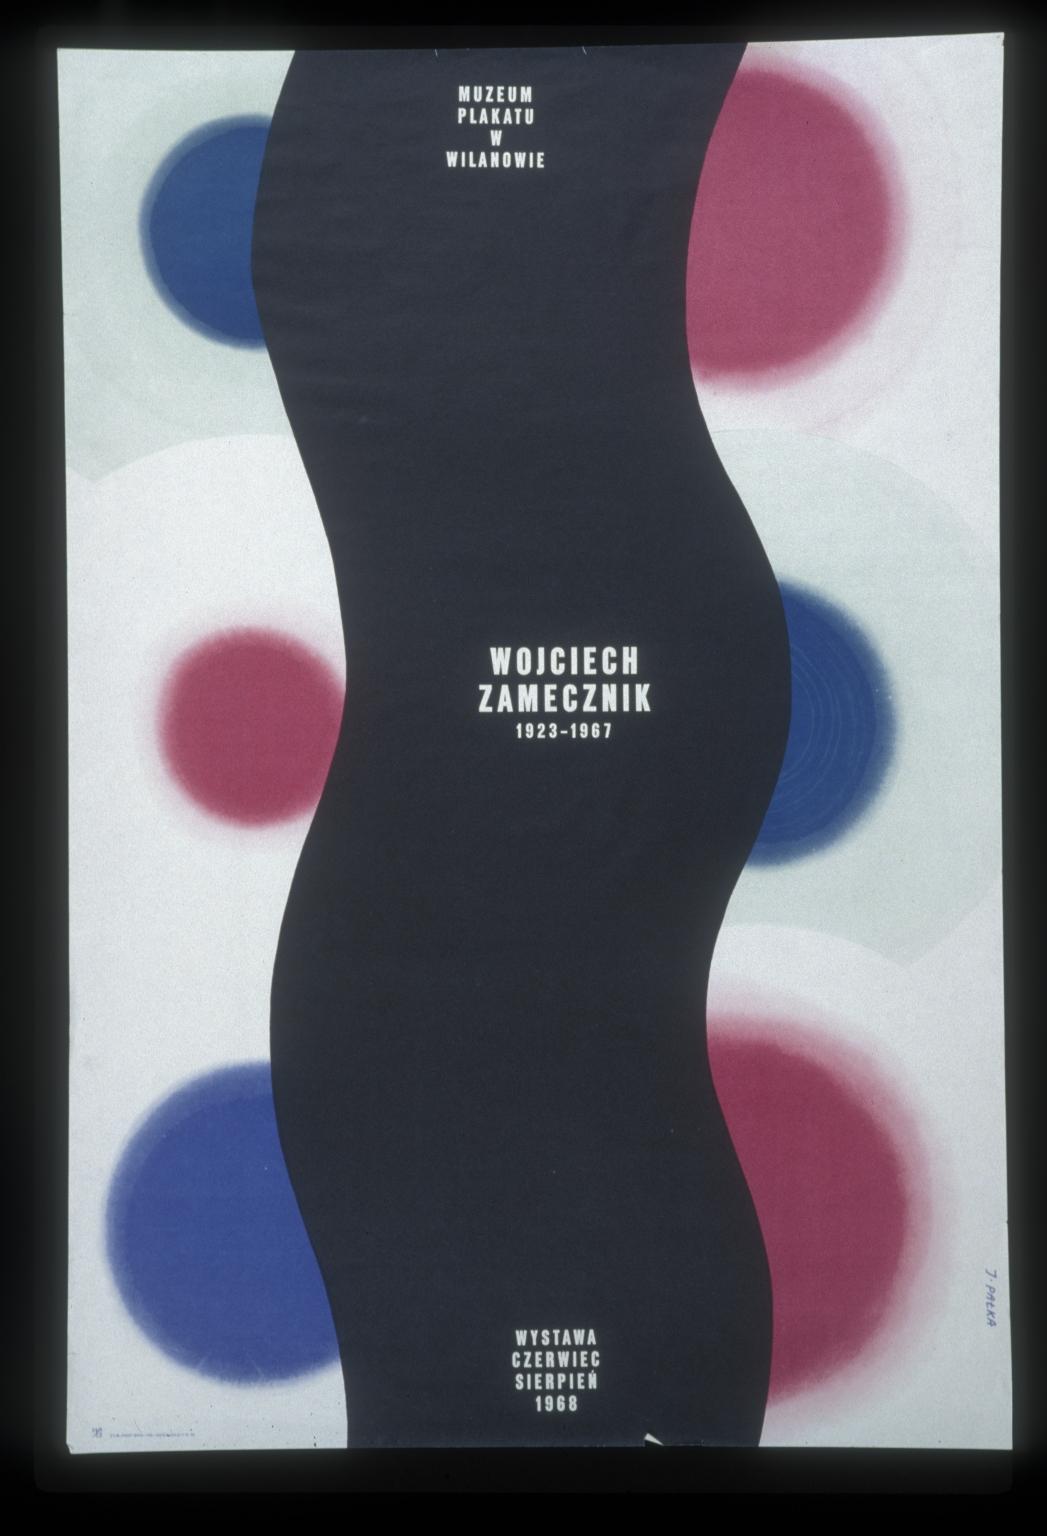 Wojciech Zamecznik, 1923-1967: wystawa, czerwiec-sierpien1968, Muzeum Plakatu w Wilanowie